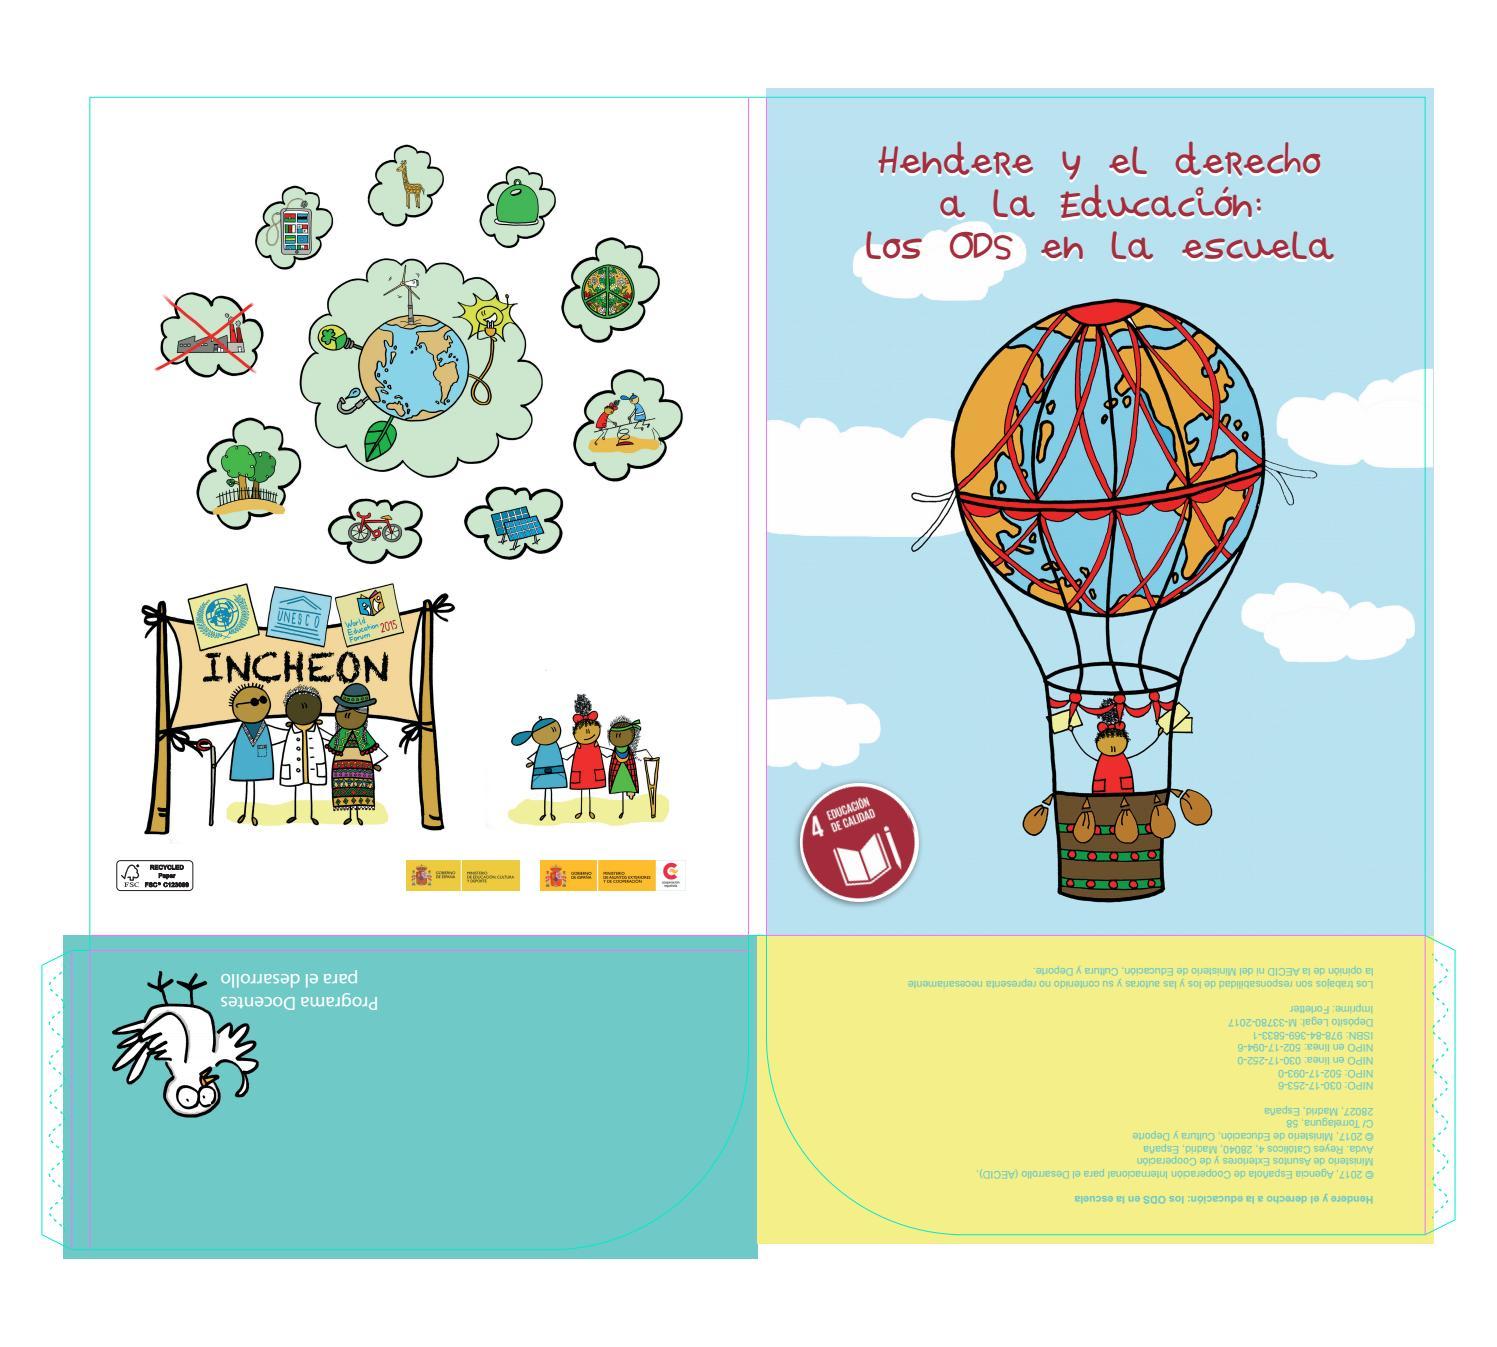 Hendere y el derecho a la Educación: los ODS en la escuela by AECID ...